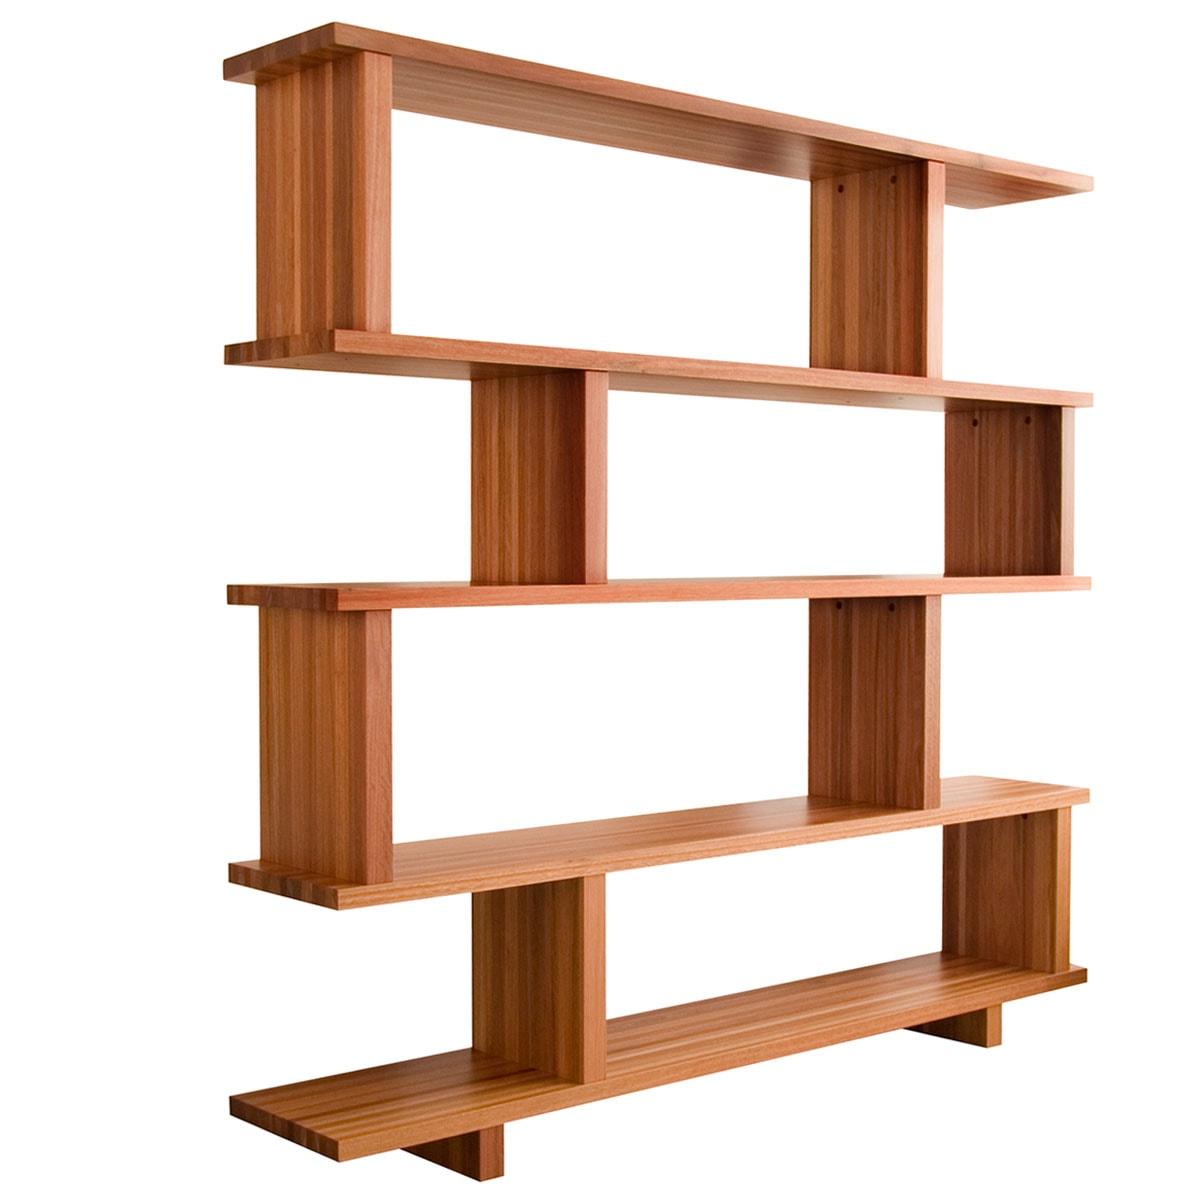 estante estante para livros 03.jpg #471C08 1200x1200